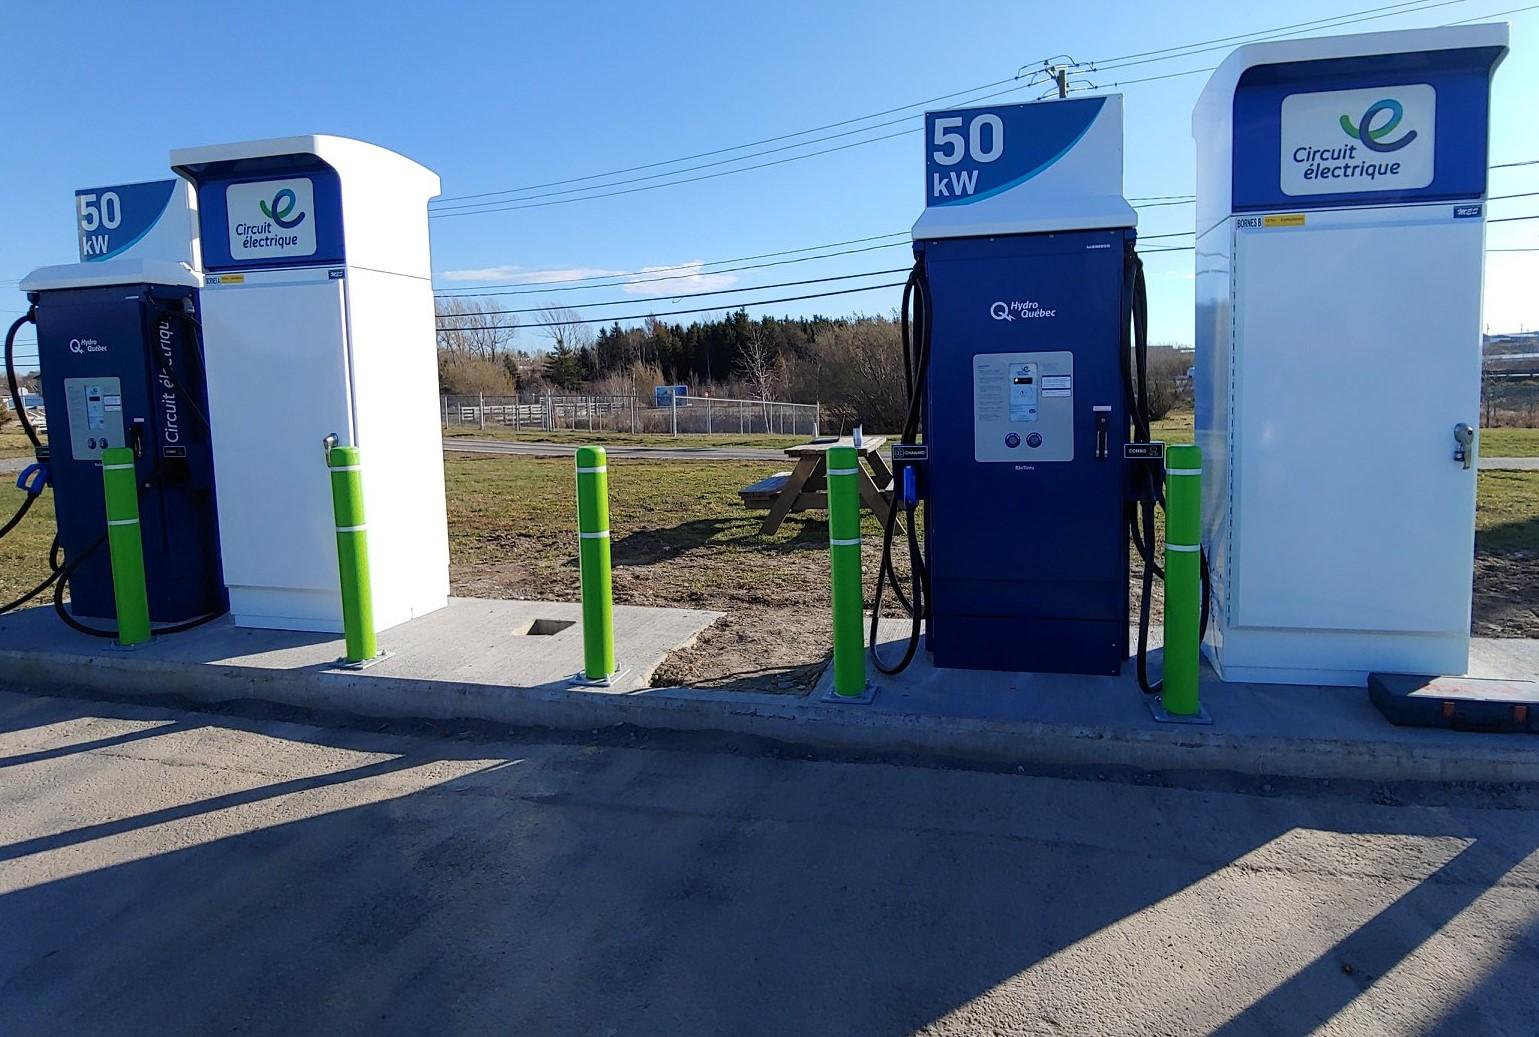 Deux nouvelles bornes de recharge rapide de 50 kW ont récemment été ajoutées au Circuit électrique d'Hydro-Québec, à Mont-Joli.